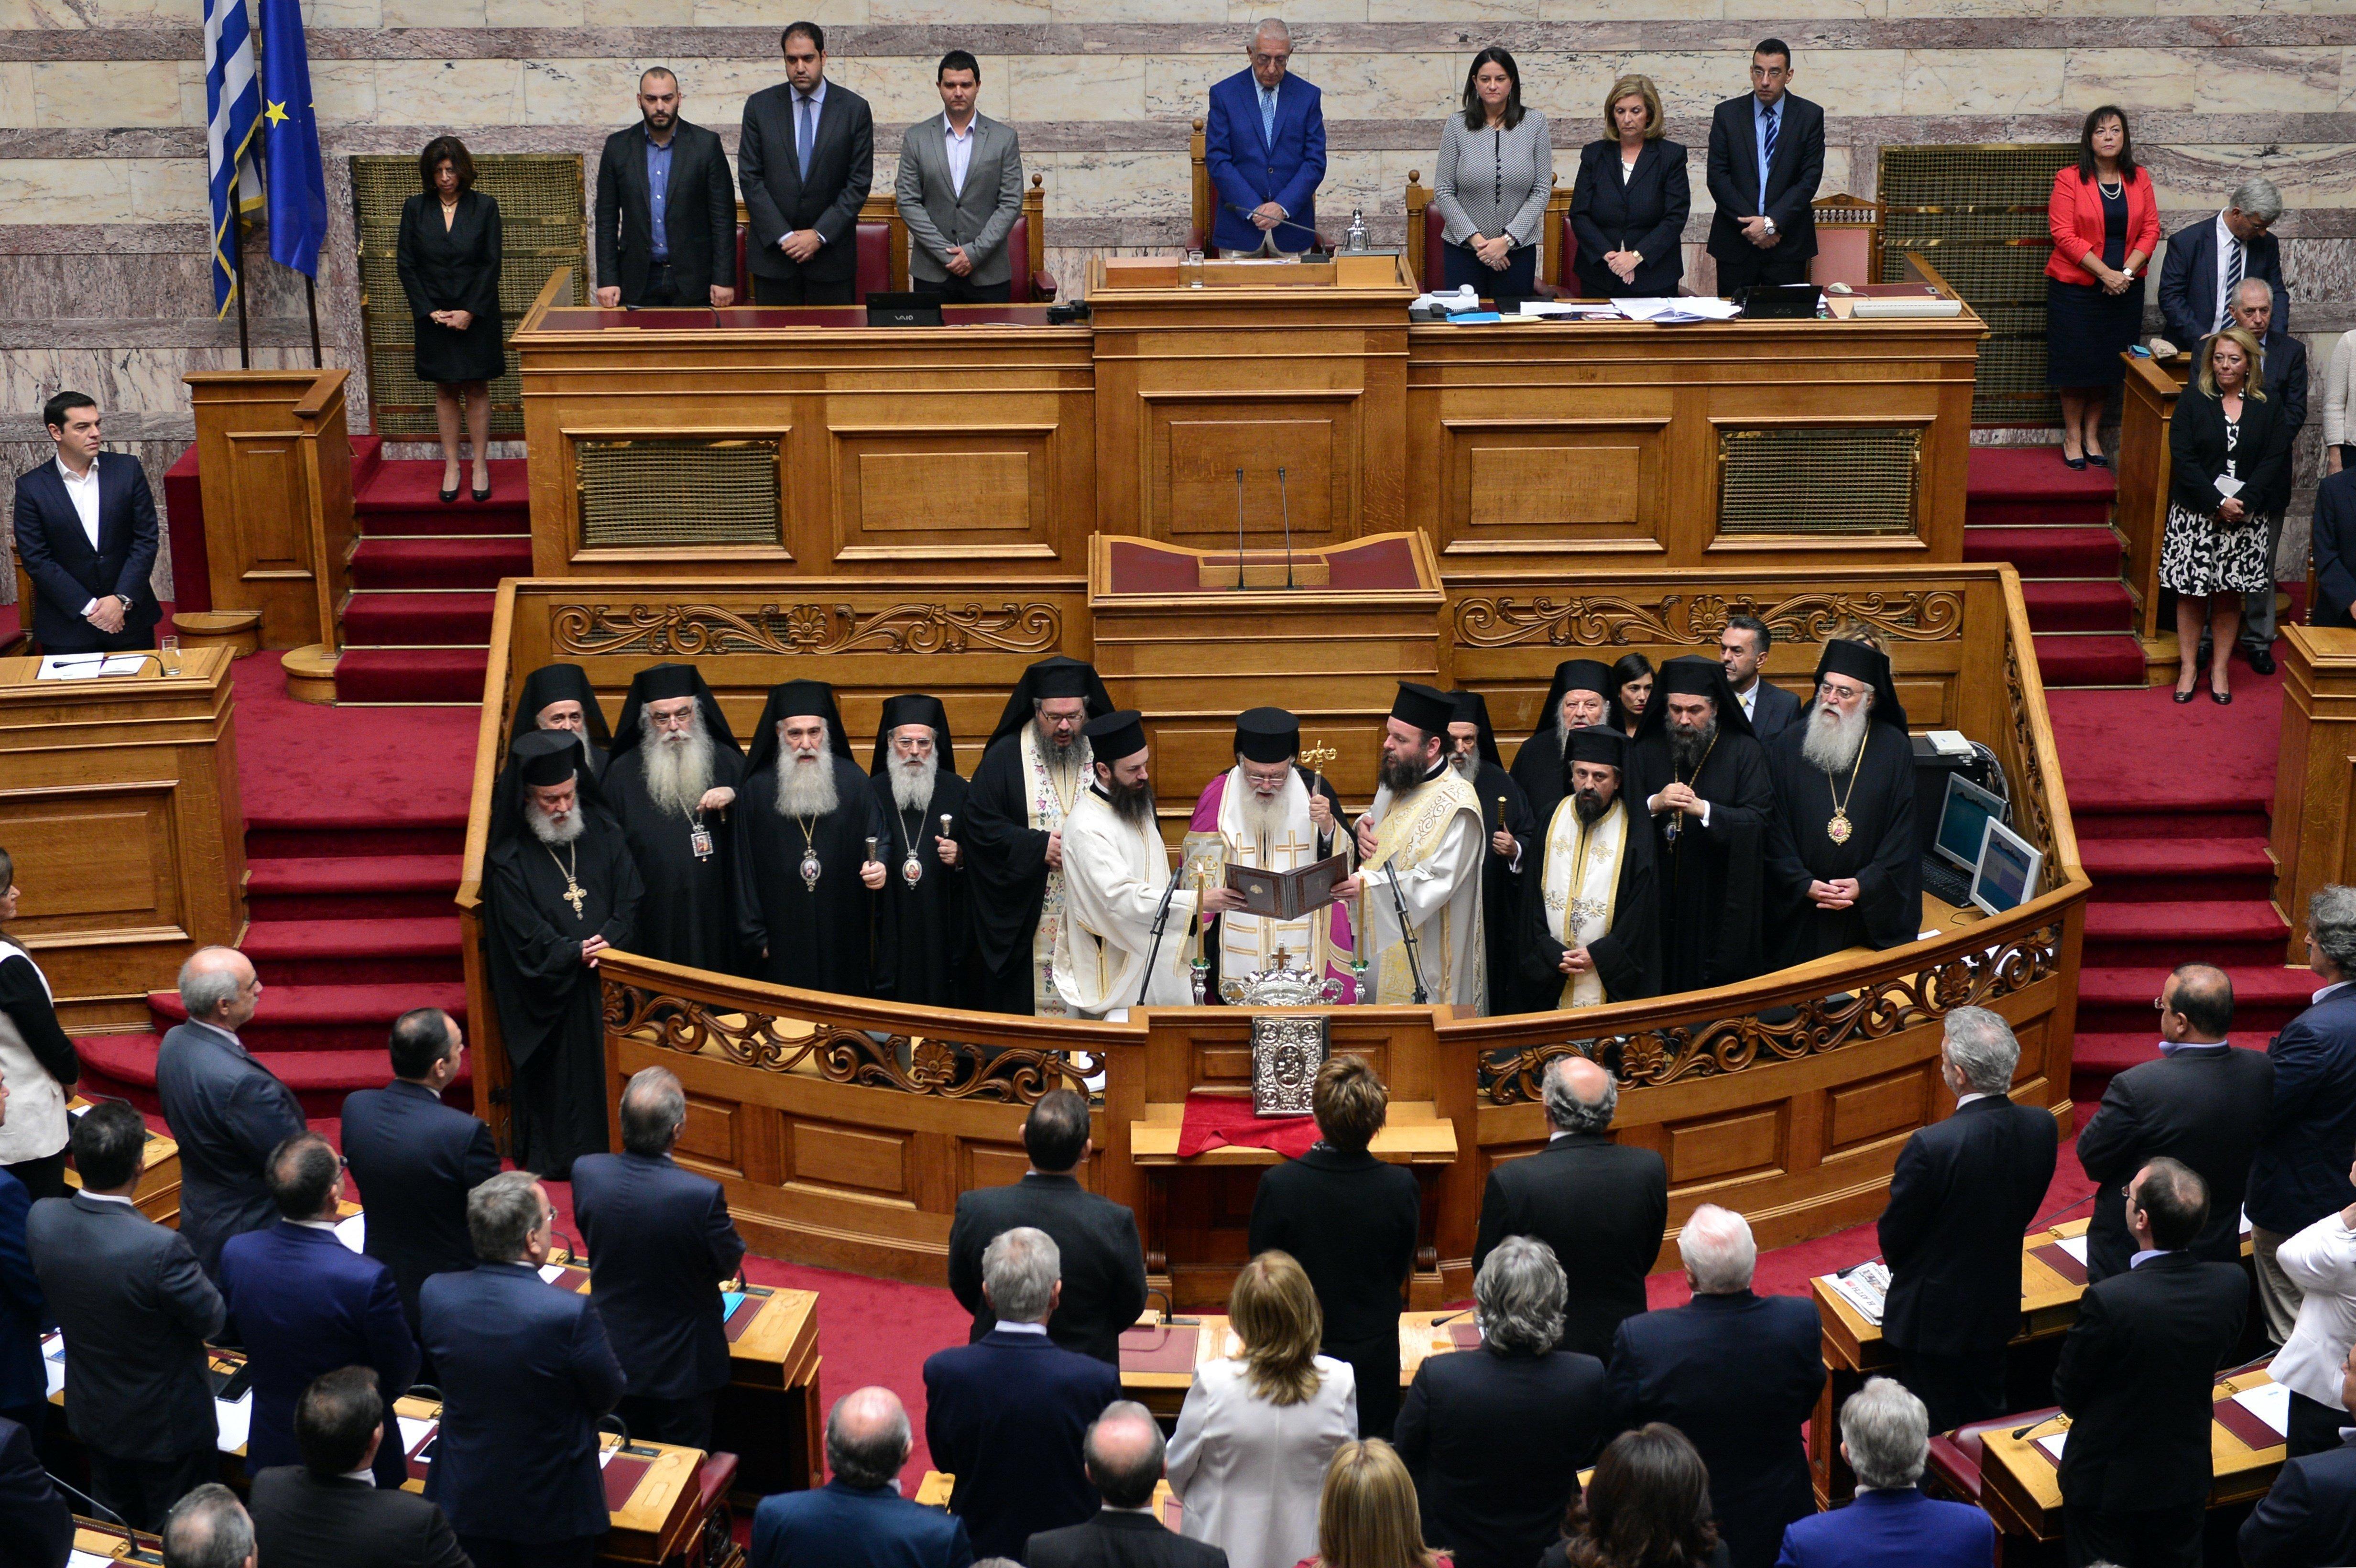 Συνταγματική Αναθεώρηση: Χωρισμός Κράτους - Εκκλησίας ή συμβιβασμός;